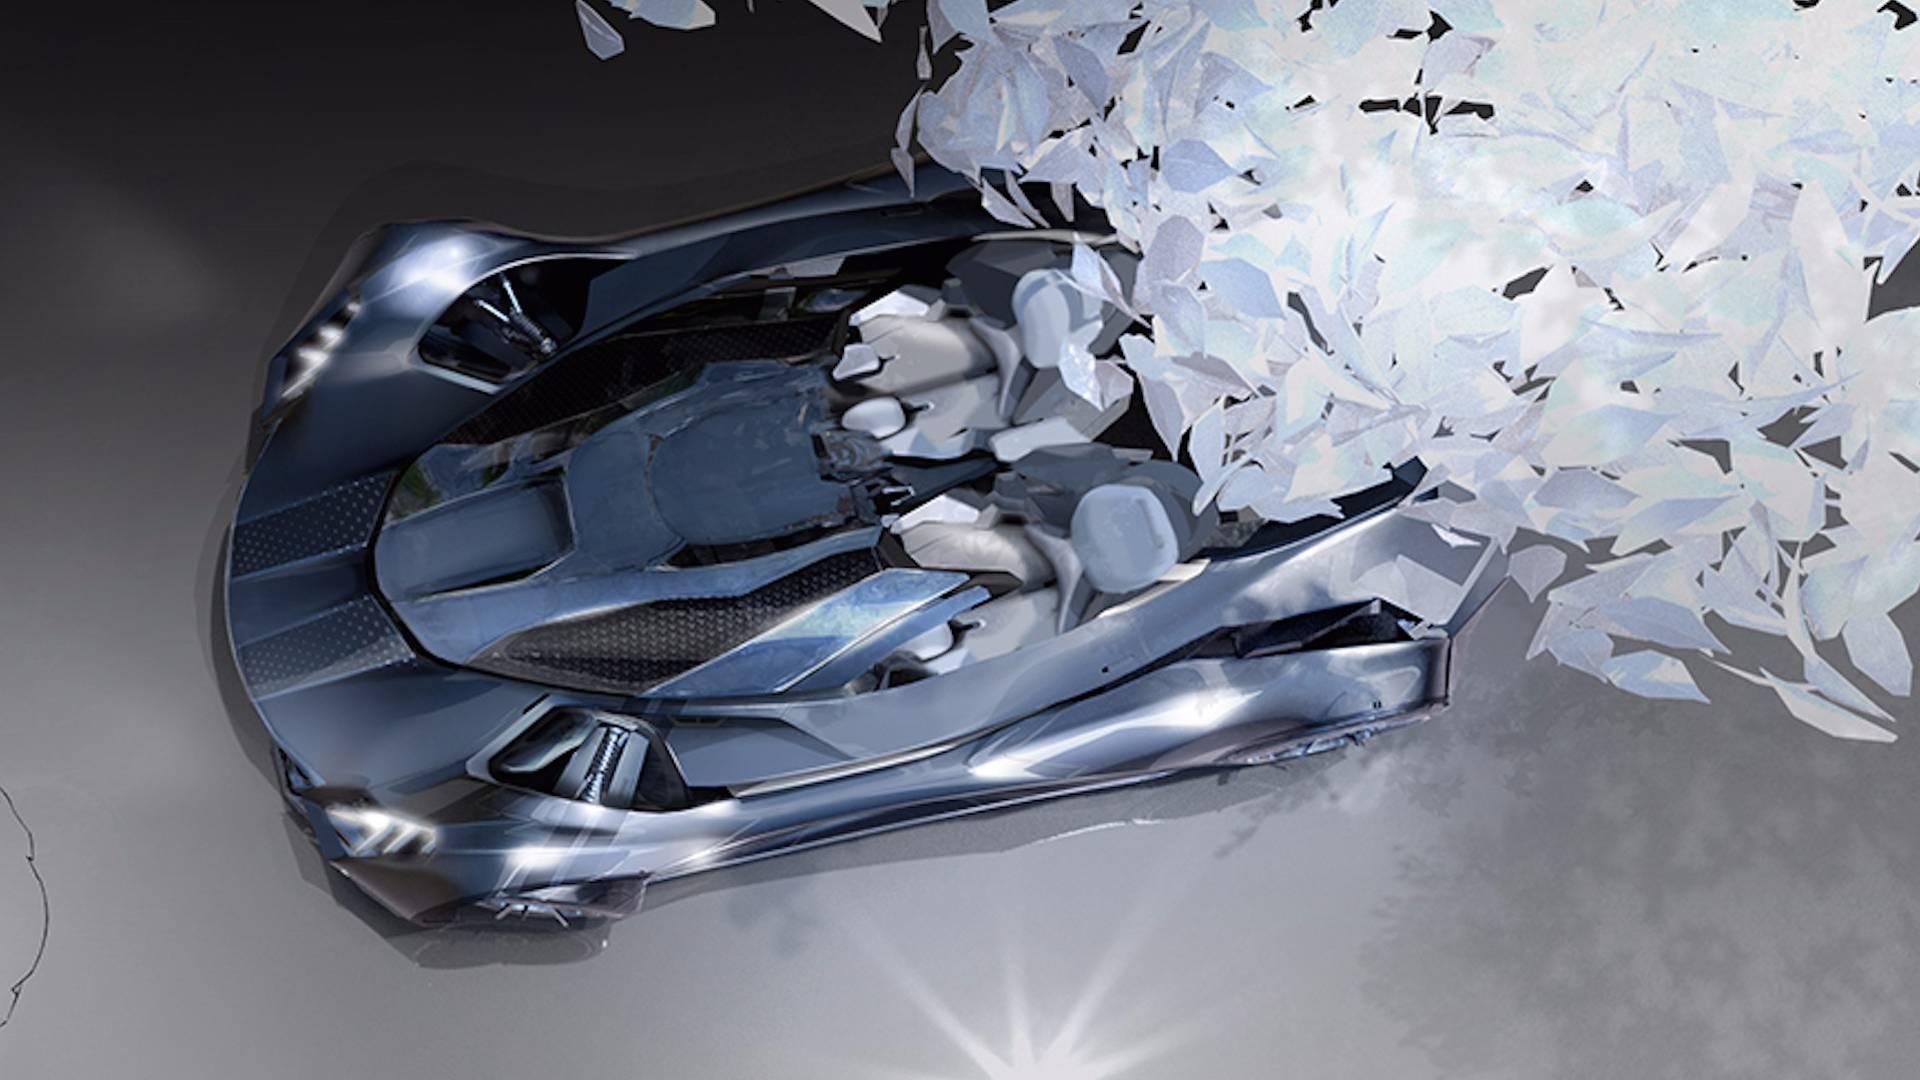 2020-shelby-cobra-concept (3)